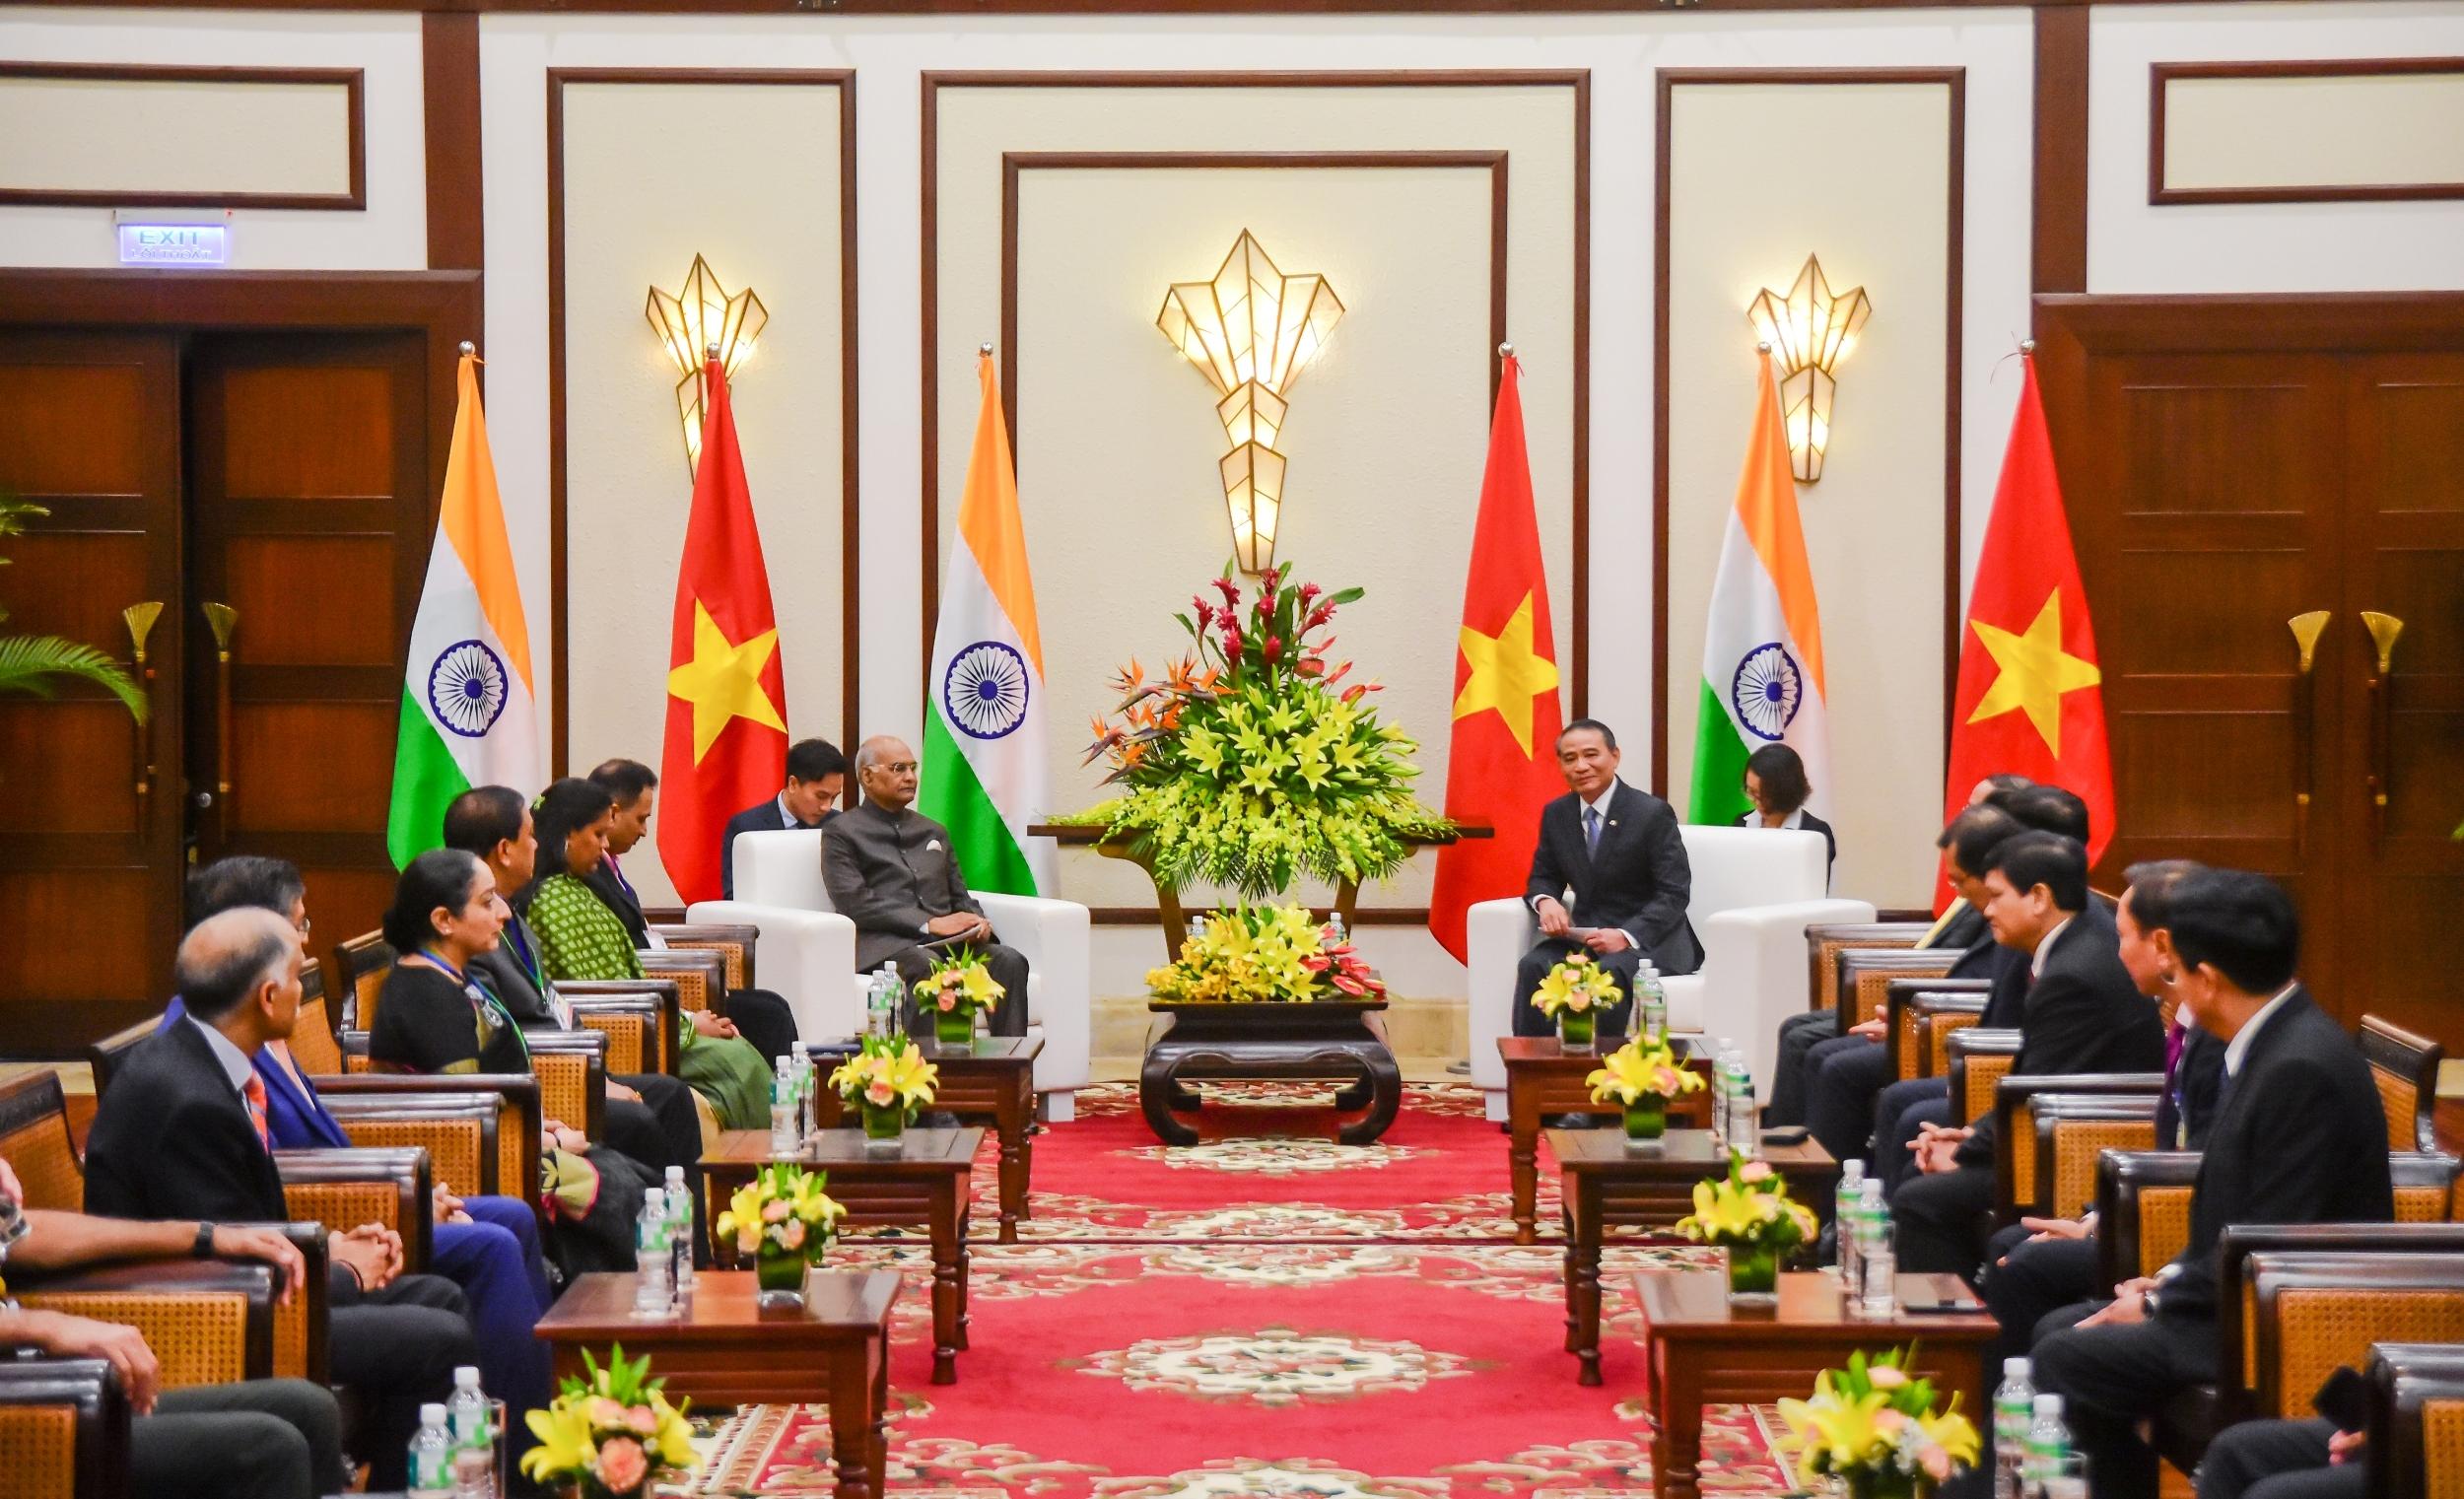 岘港市委书记张光义会见印度总统拉姆•纳特•考文德